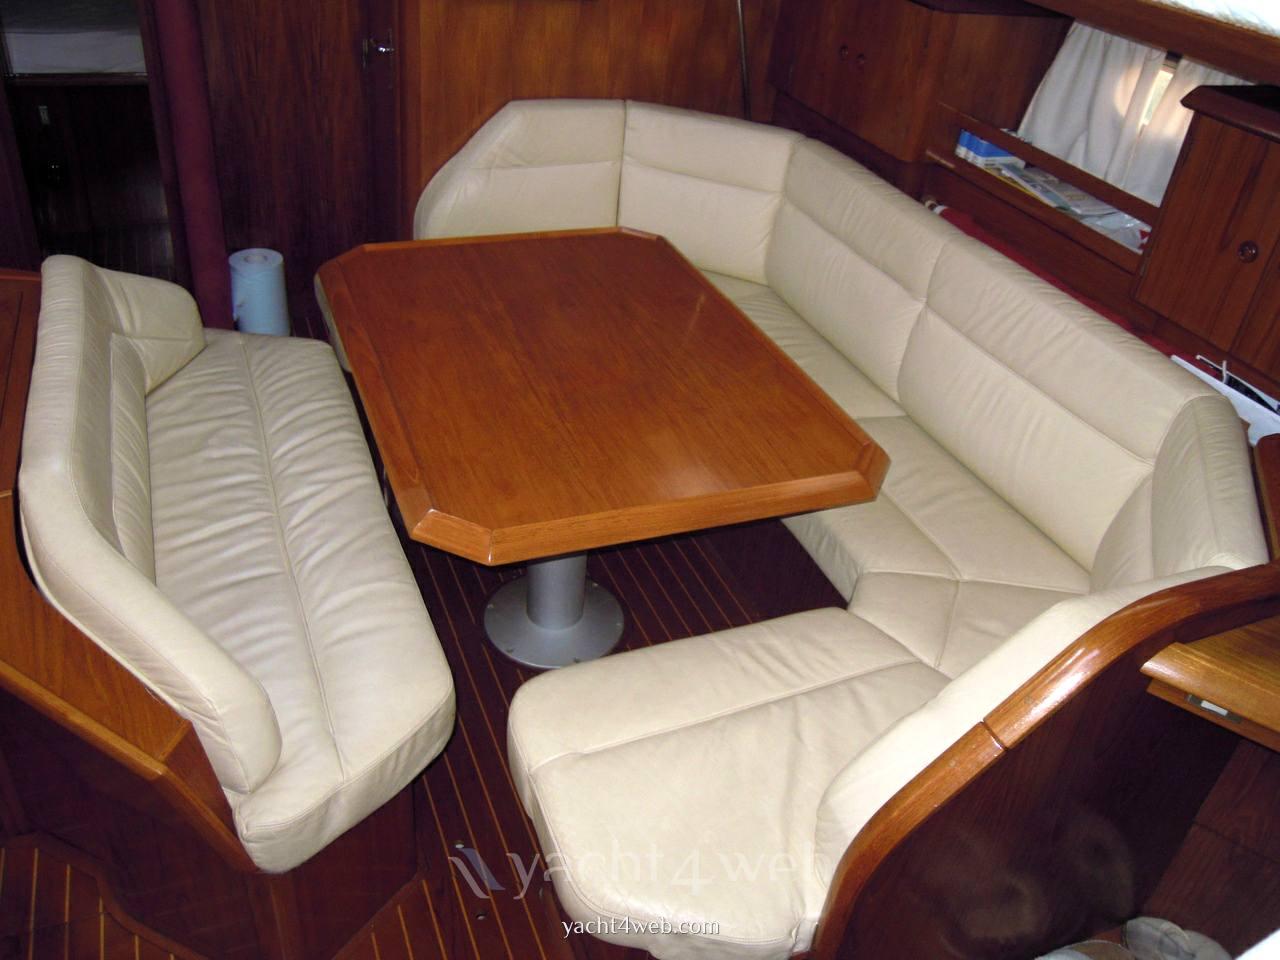 Jeanneau Sun odyssey 45.1 sailing boat